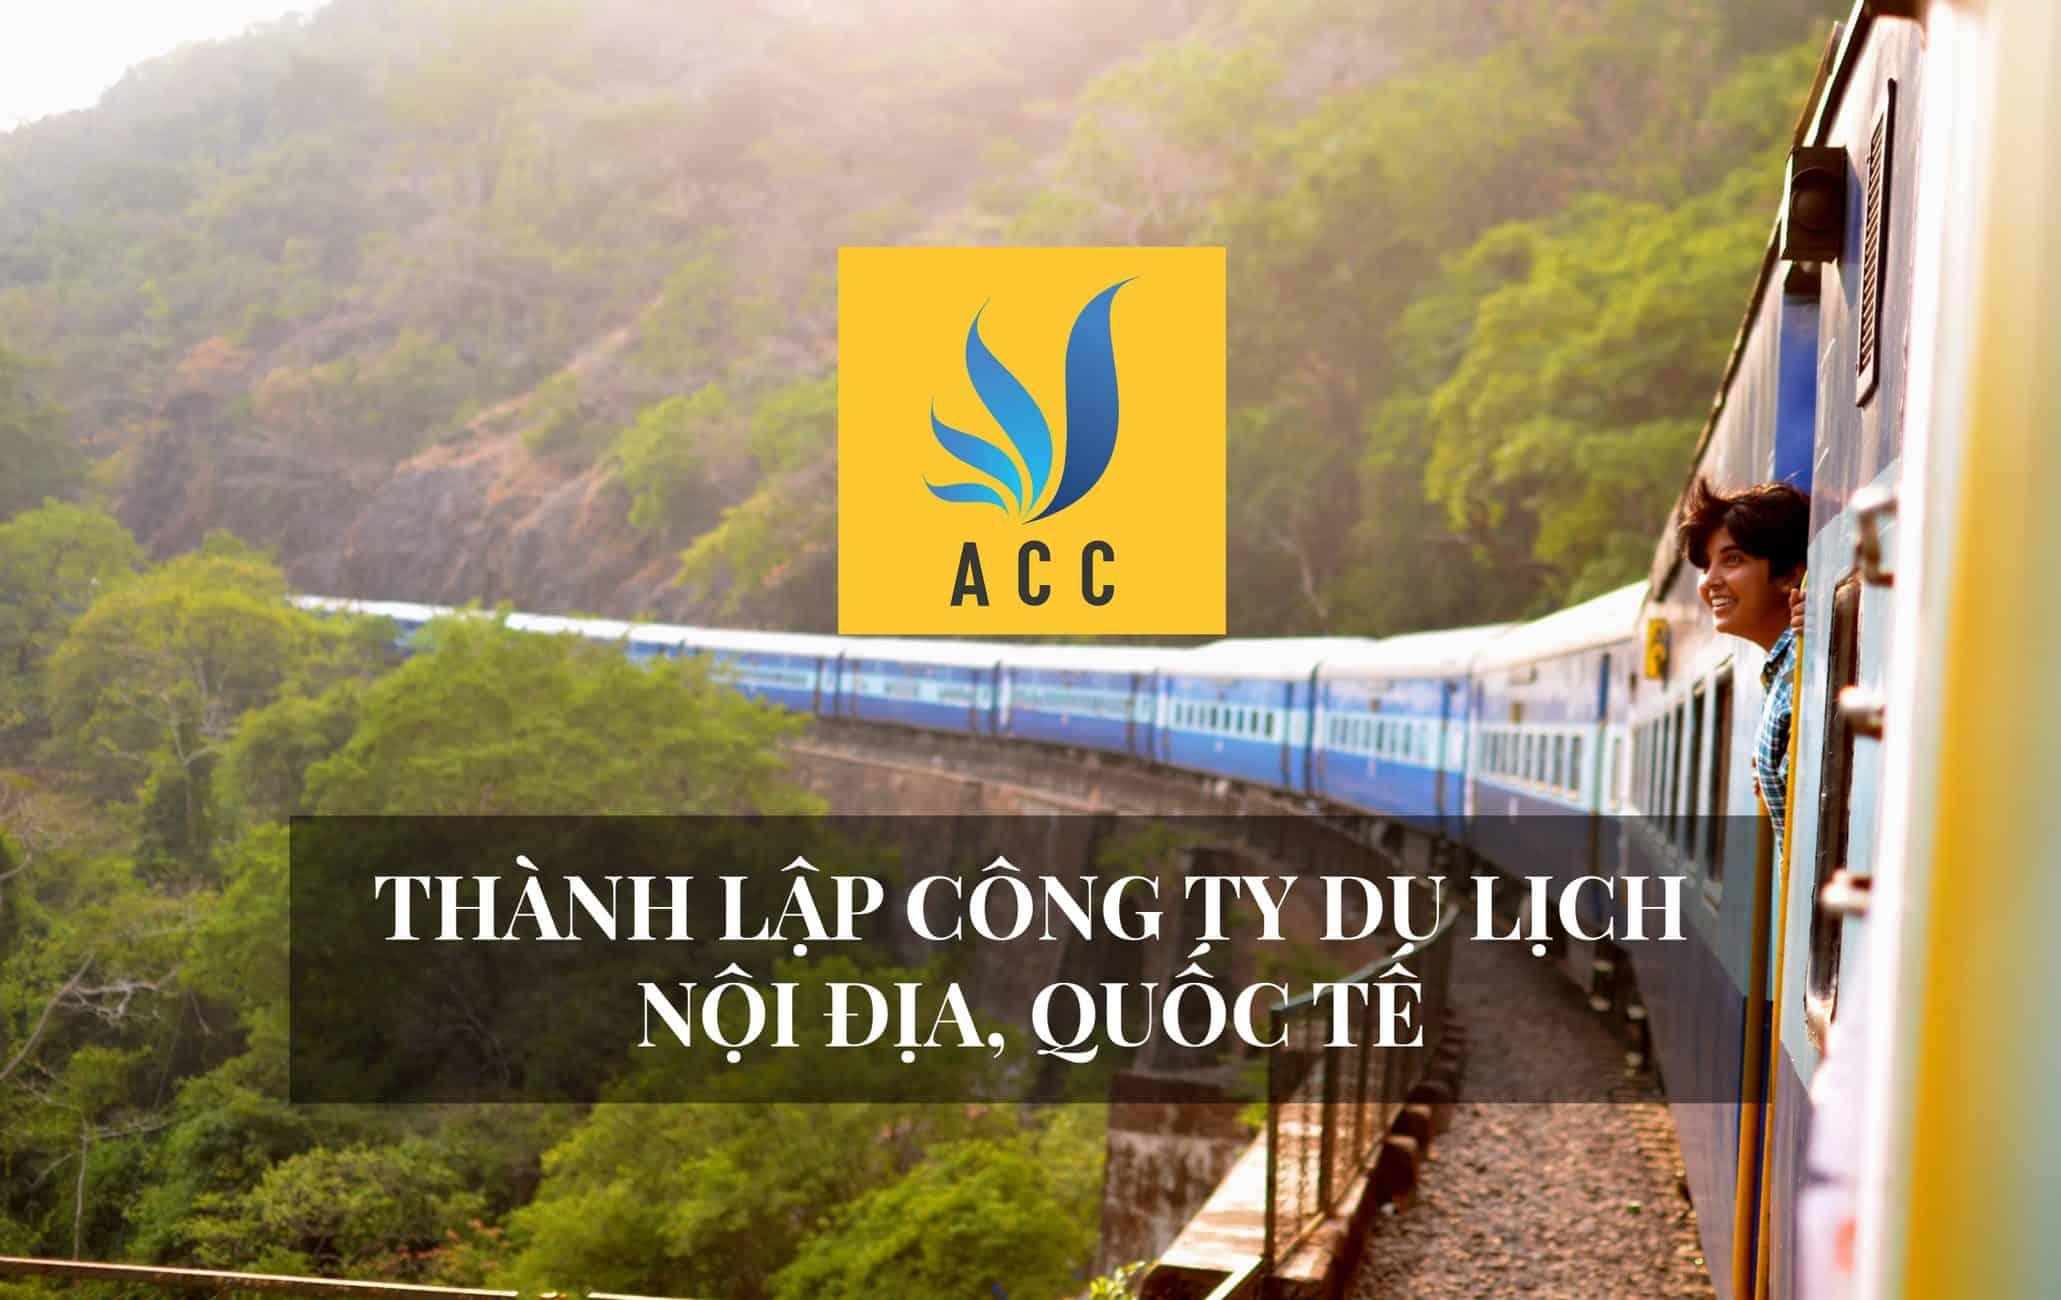 Điều kiện thành lập công ty du lịch Nội địa Quốc tế 2020